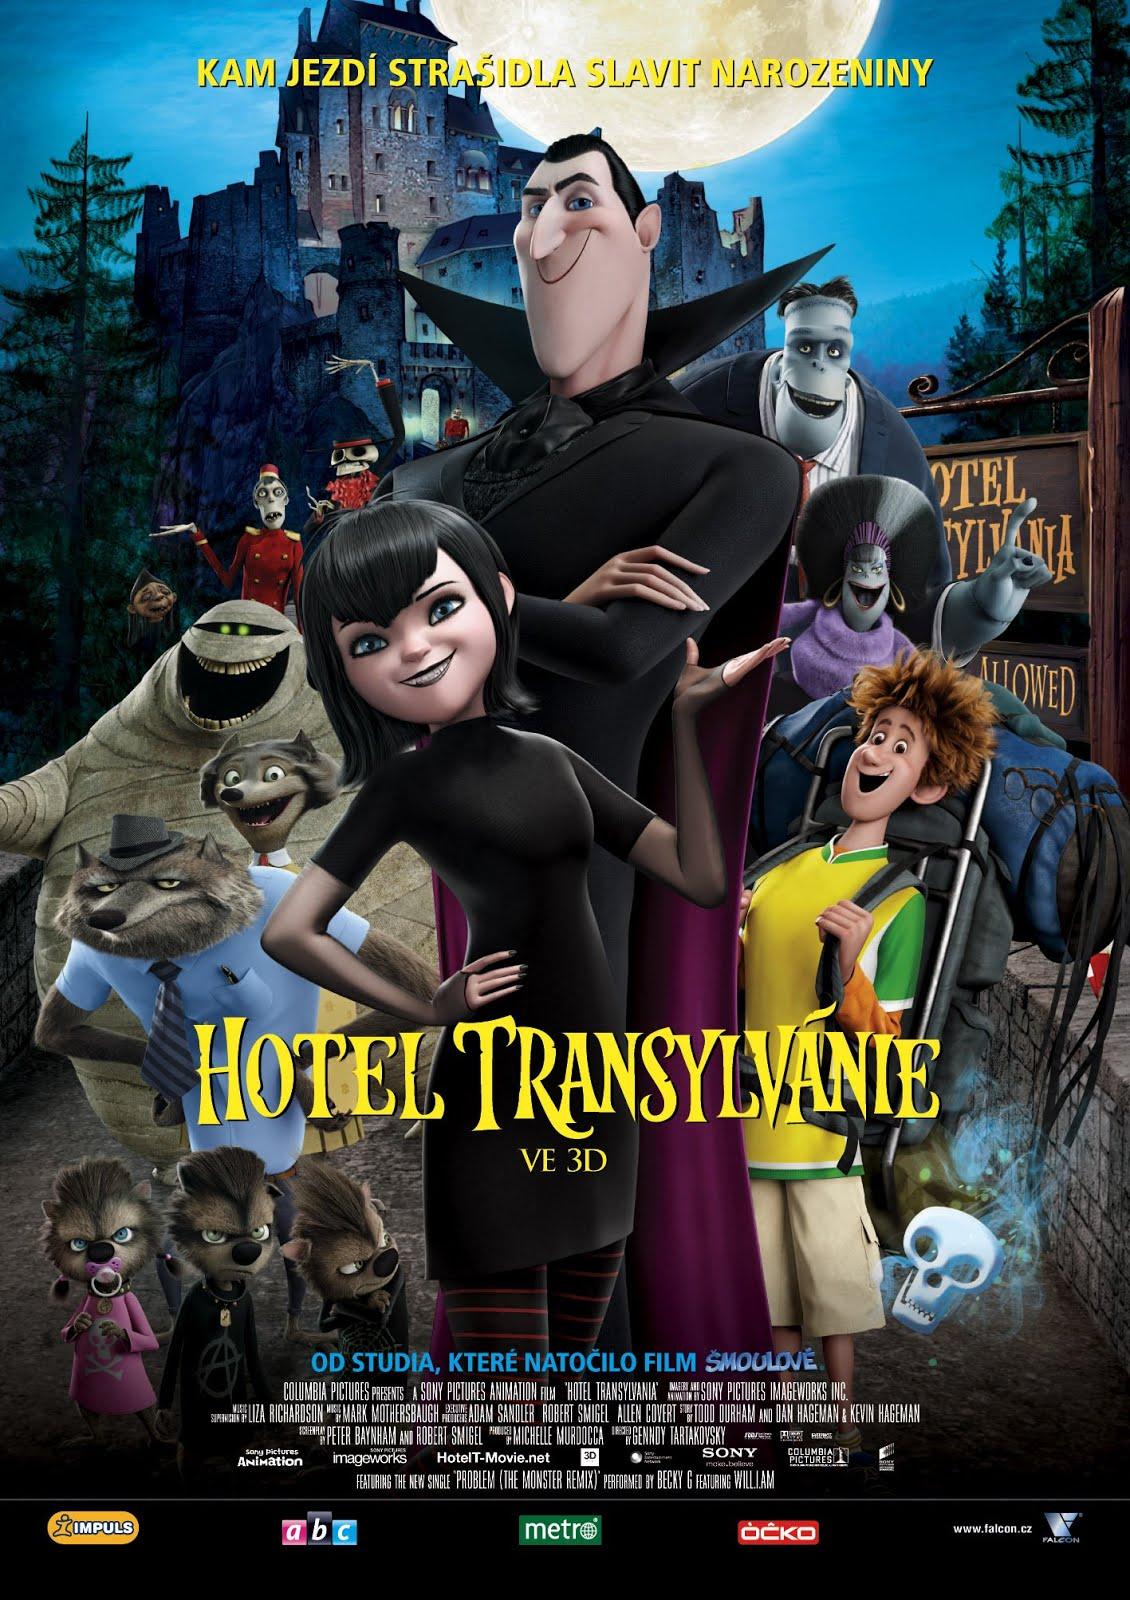 Rosellajordan [download]` hotel transylvania 3 2018 full movie.